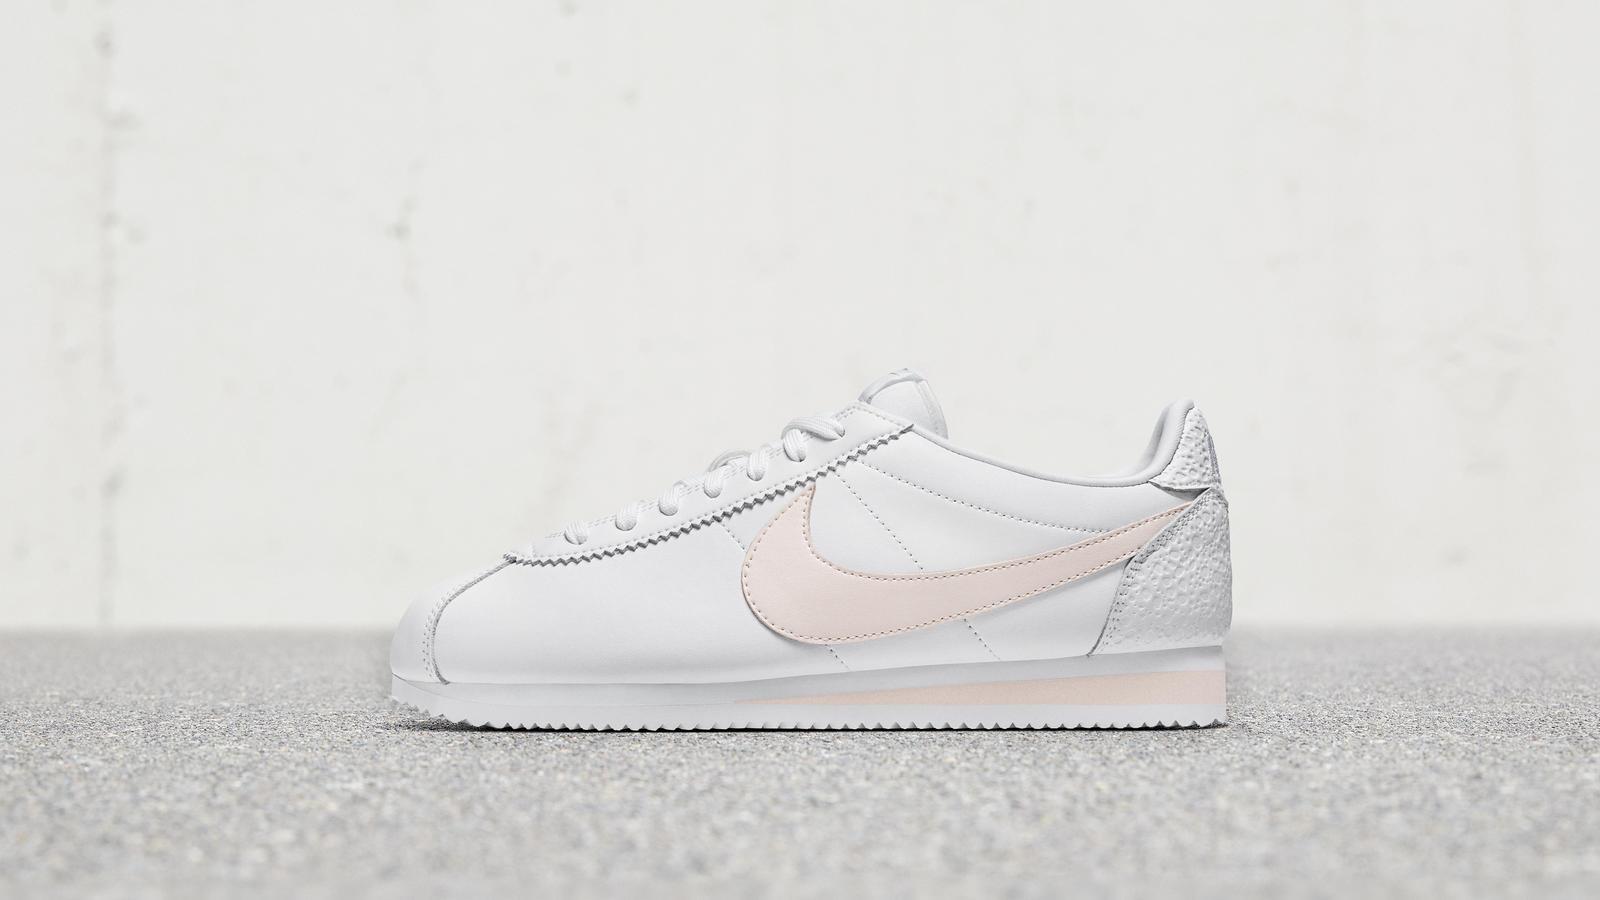 af31424e8d9 Nike Flyleather Cortez SE - Nike News